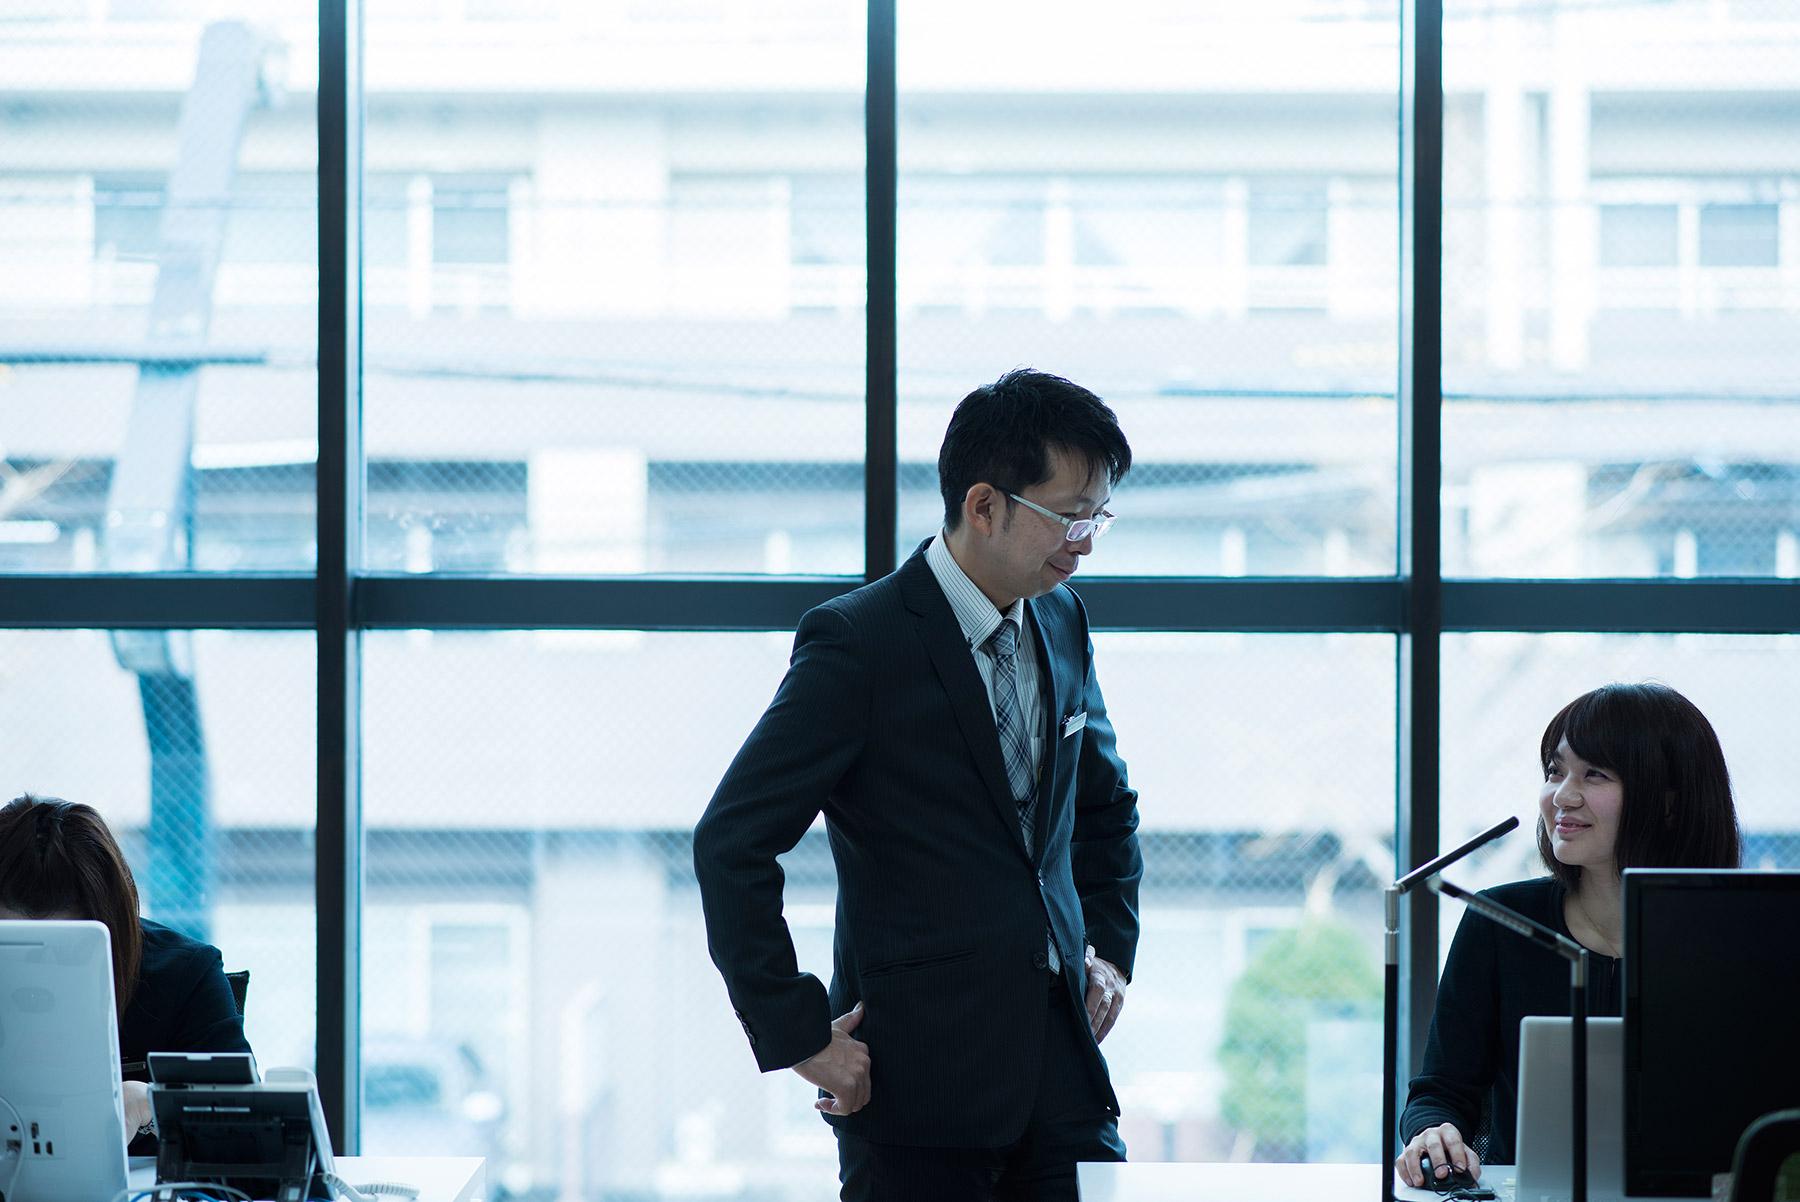 取締役 専務執行役員 小泉俊平 Koizumi Shunpei